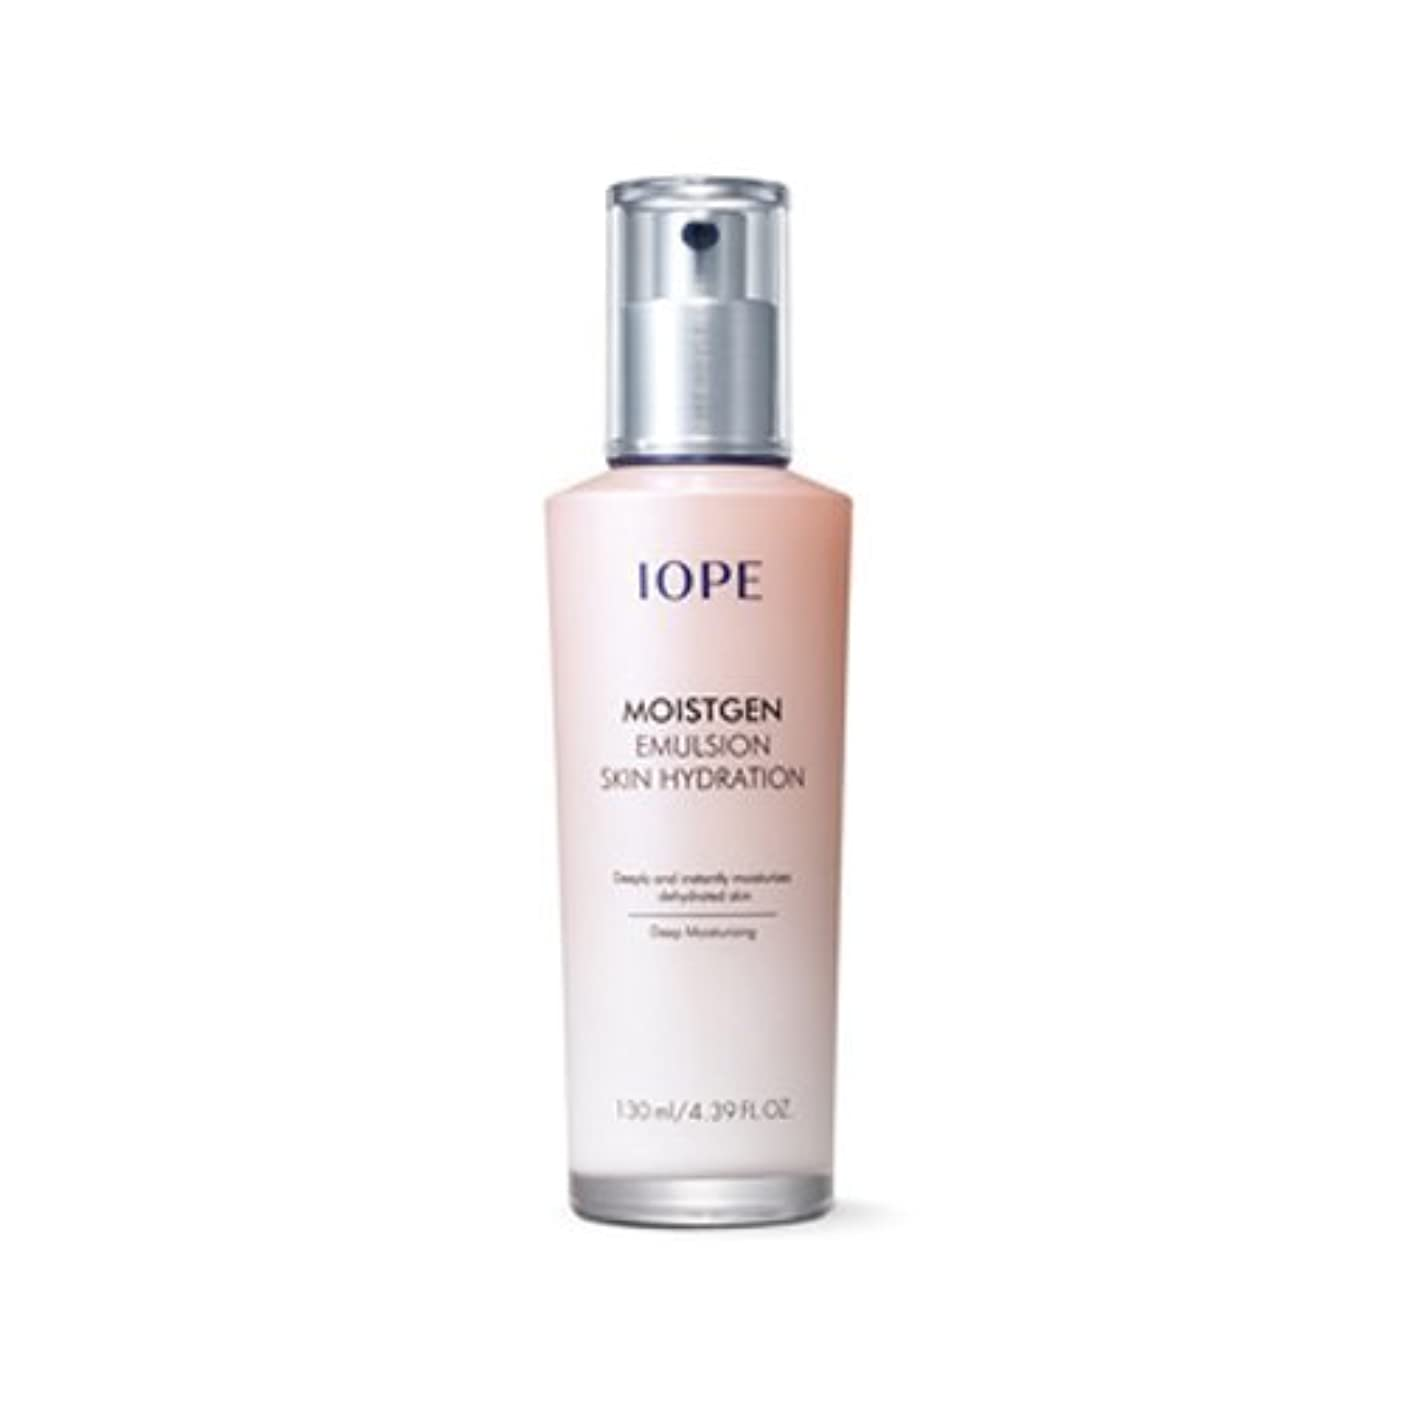 前奏曲差別する強度IOPE Moistgen Emulsion Skin Hydration_130ml